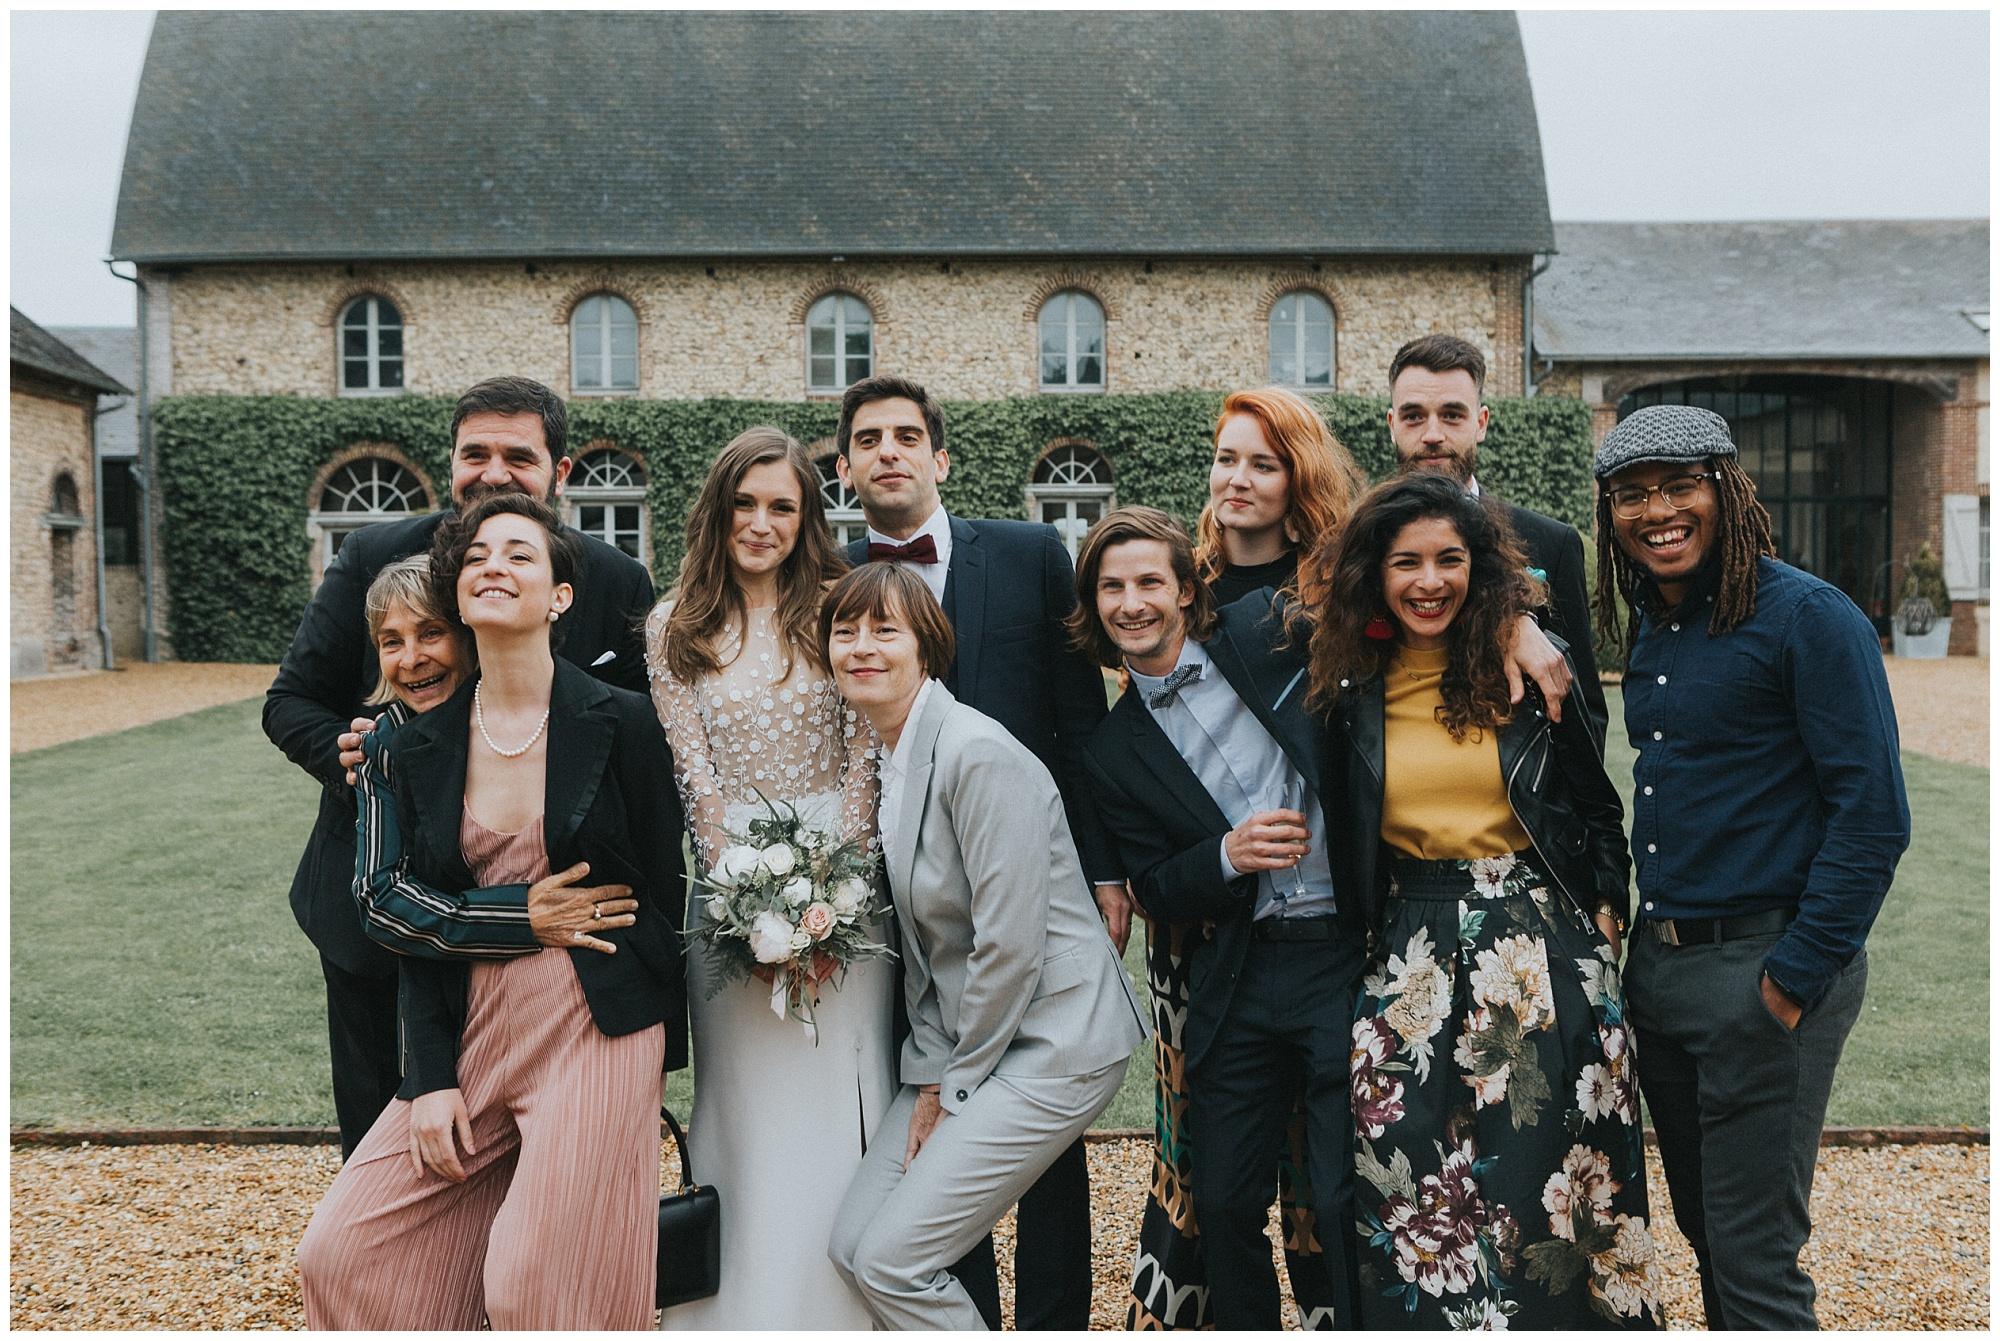 Kateryna-photos-photographer-Rouen-domaine-des-evis-mariage-haute-normandie-photos-de-groupe